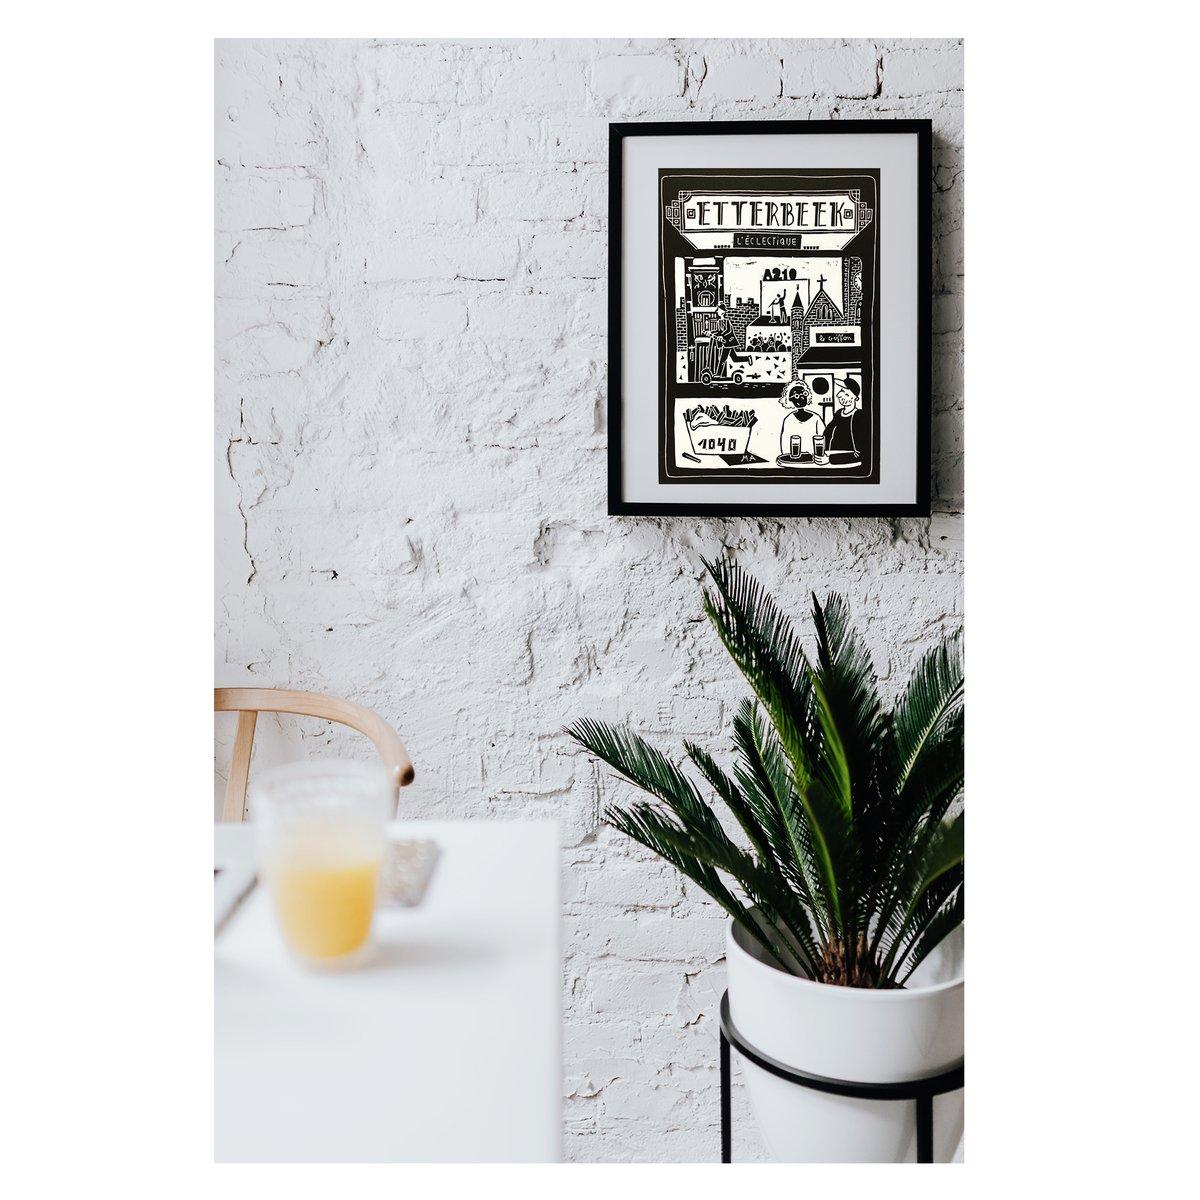 Linogravure Etterbeek